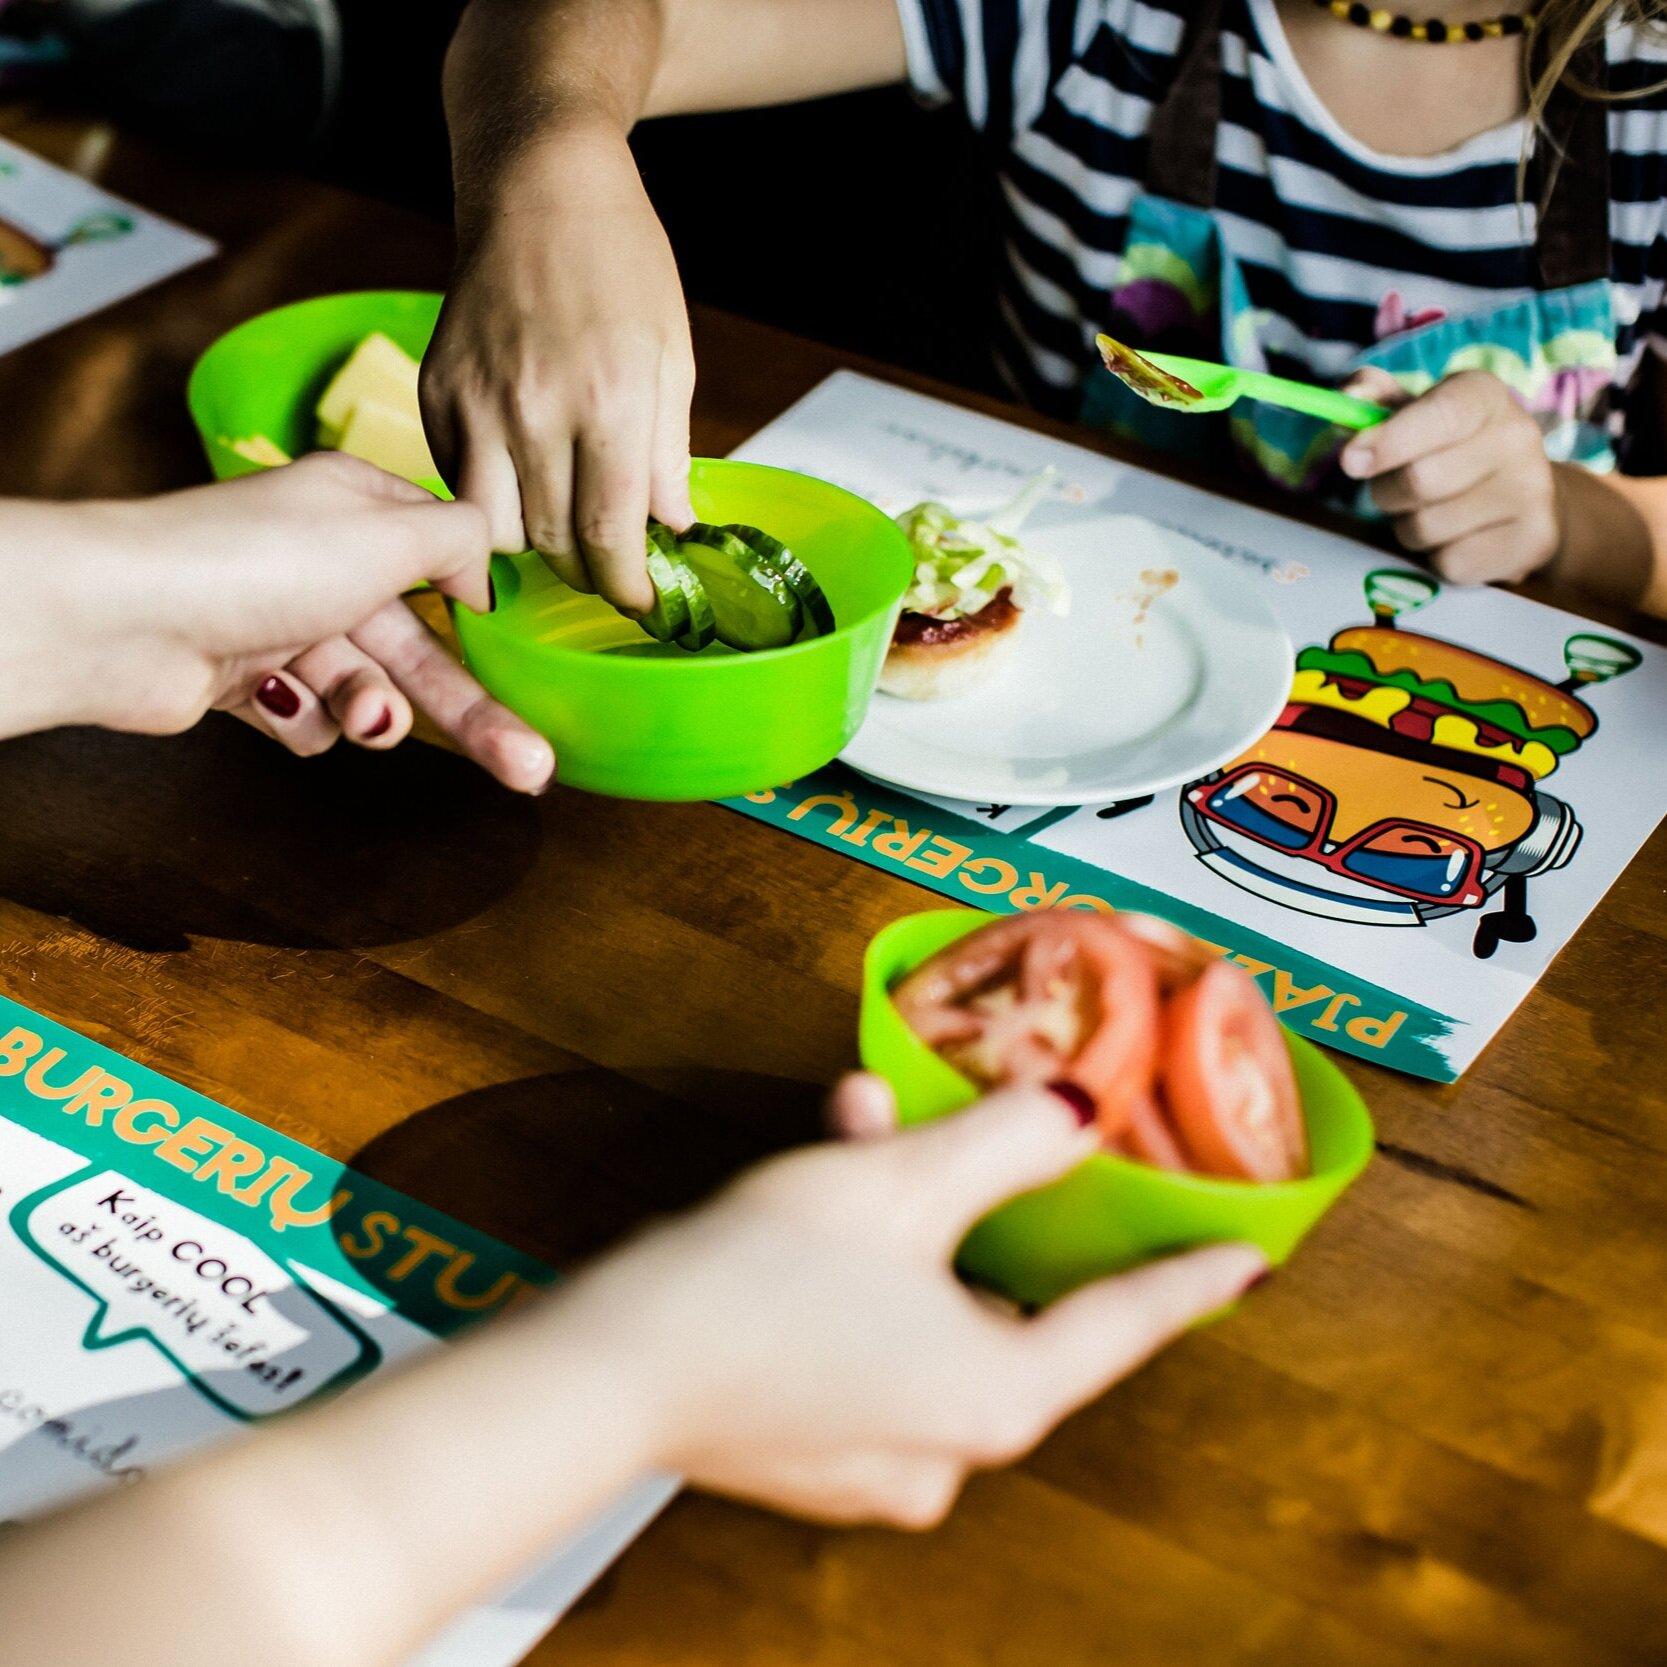 Receptų Istorijos - Kol kepinukai keps, mūsų Virtuvės Šefė bendraus su mažaisiais herojais. Papasakos įdomių maisto gaminimo istorijų ir receptų